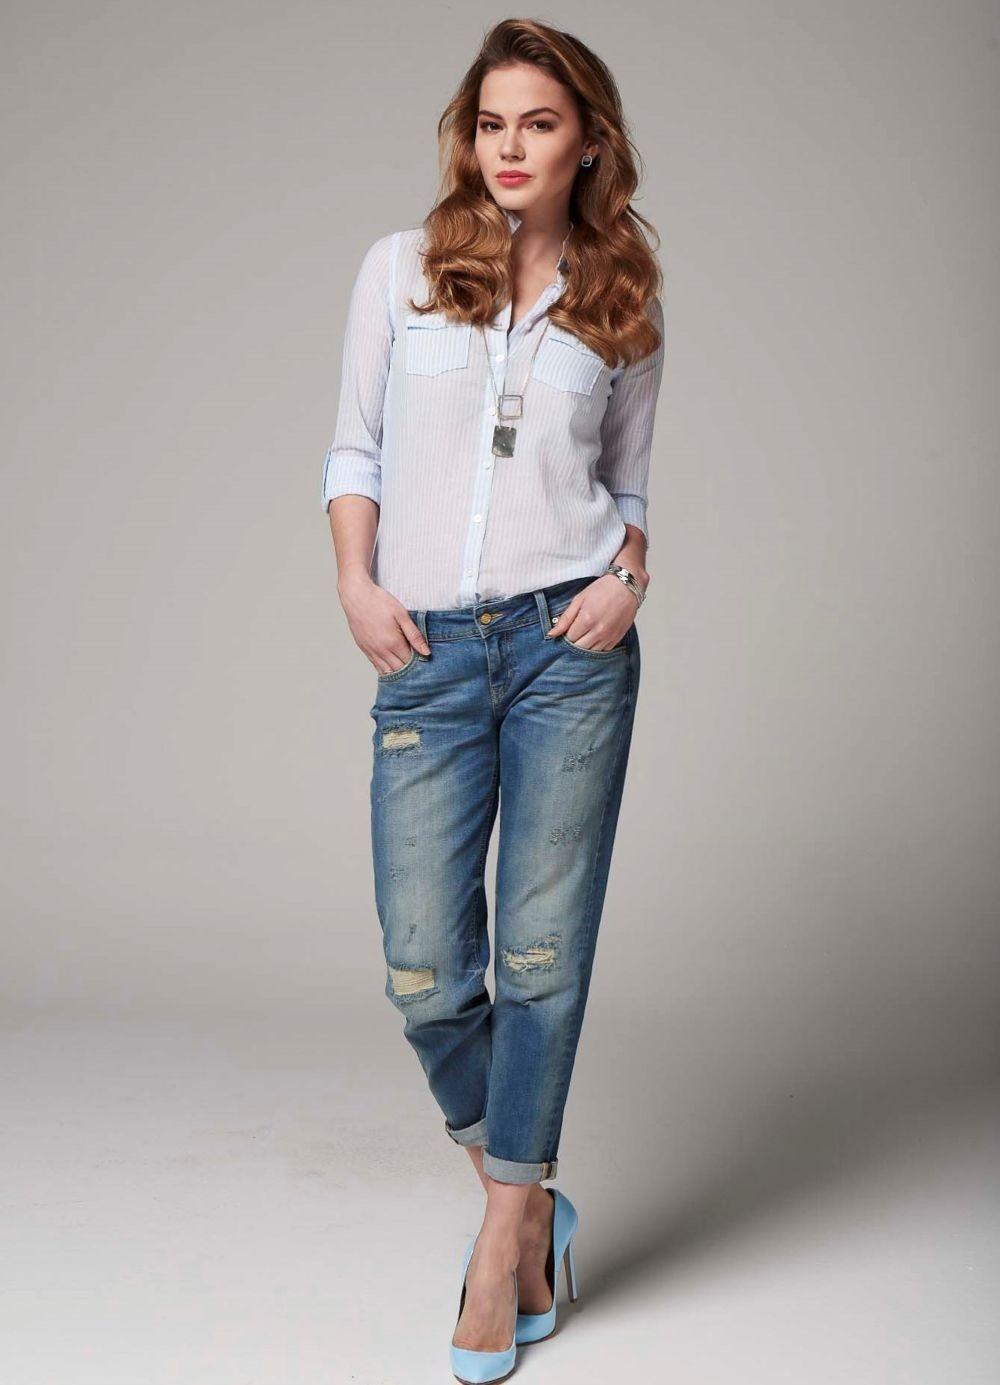 Модные образы весна лето 2018: джинсы короткие с дырками